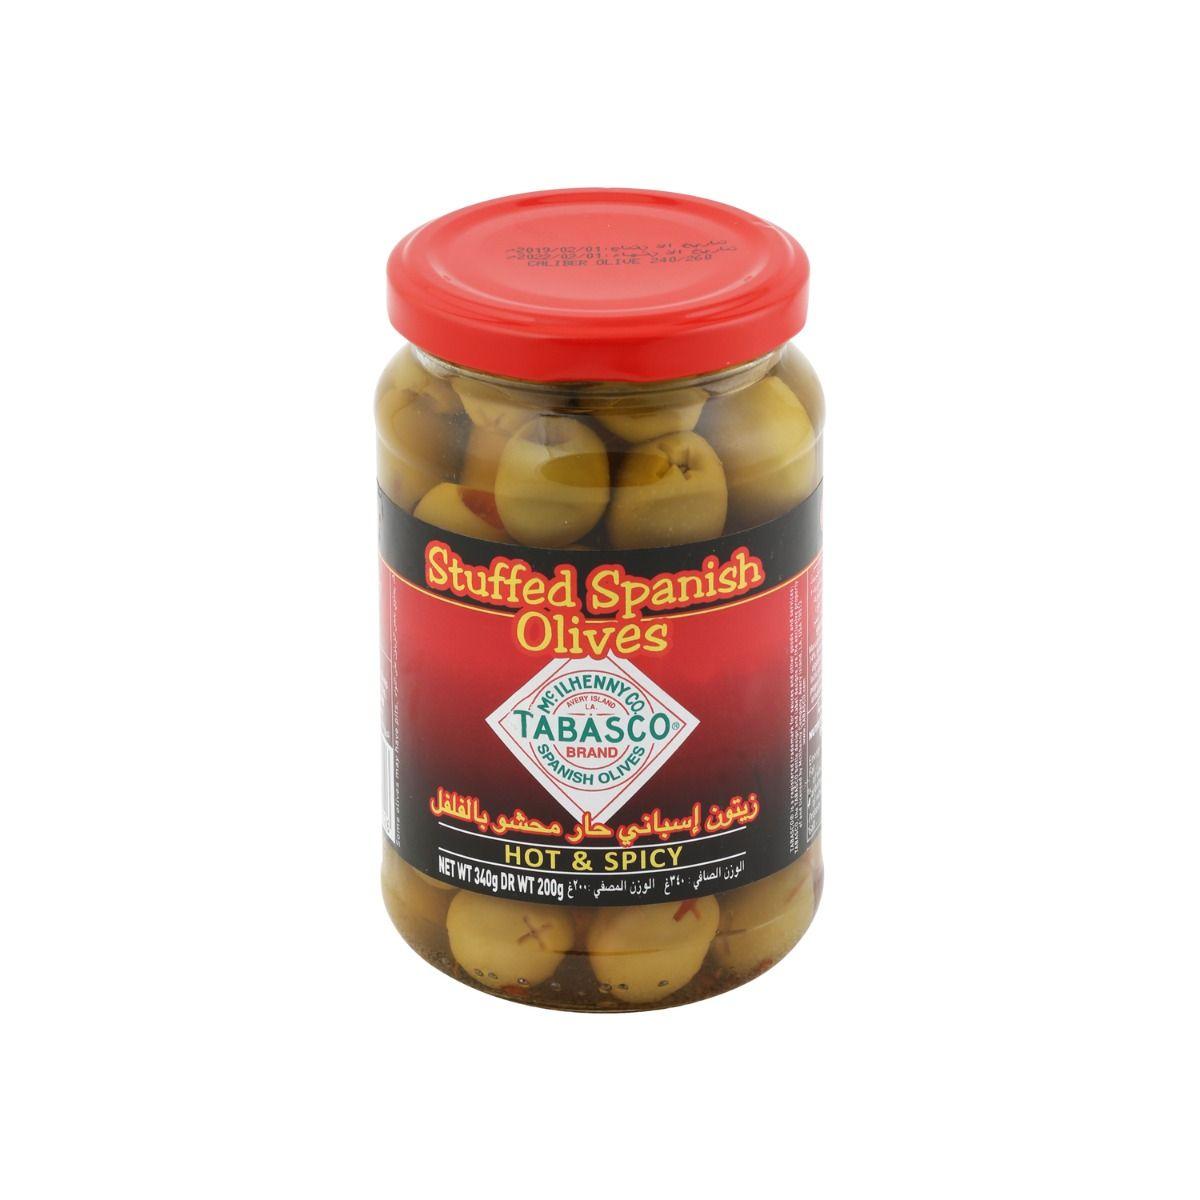 تباسكو زيتون أخضر بالفلفل الأحمر ٣٤٠ غرام - ١٢ حبة